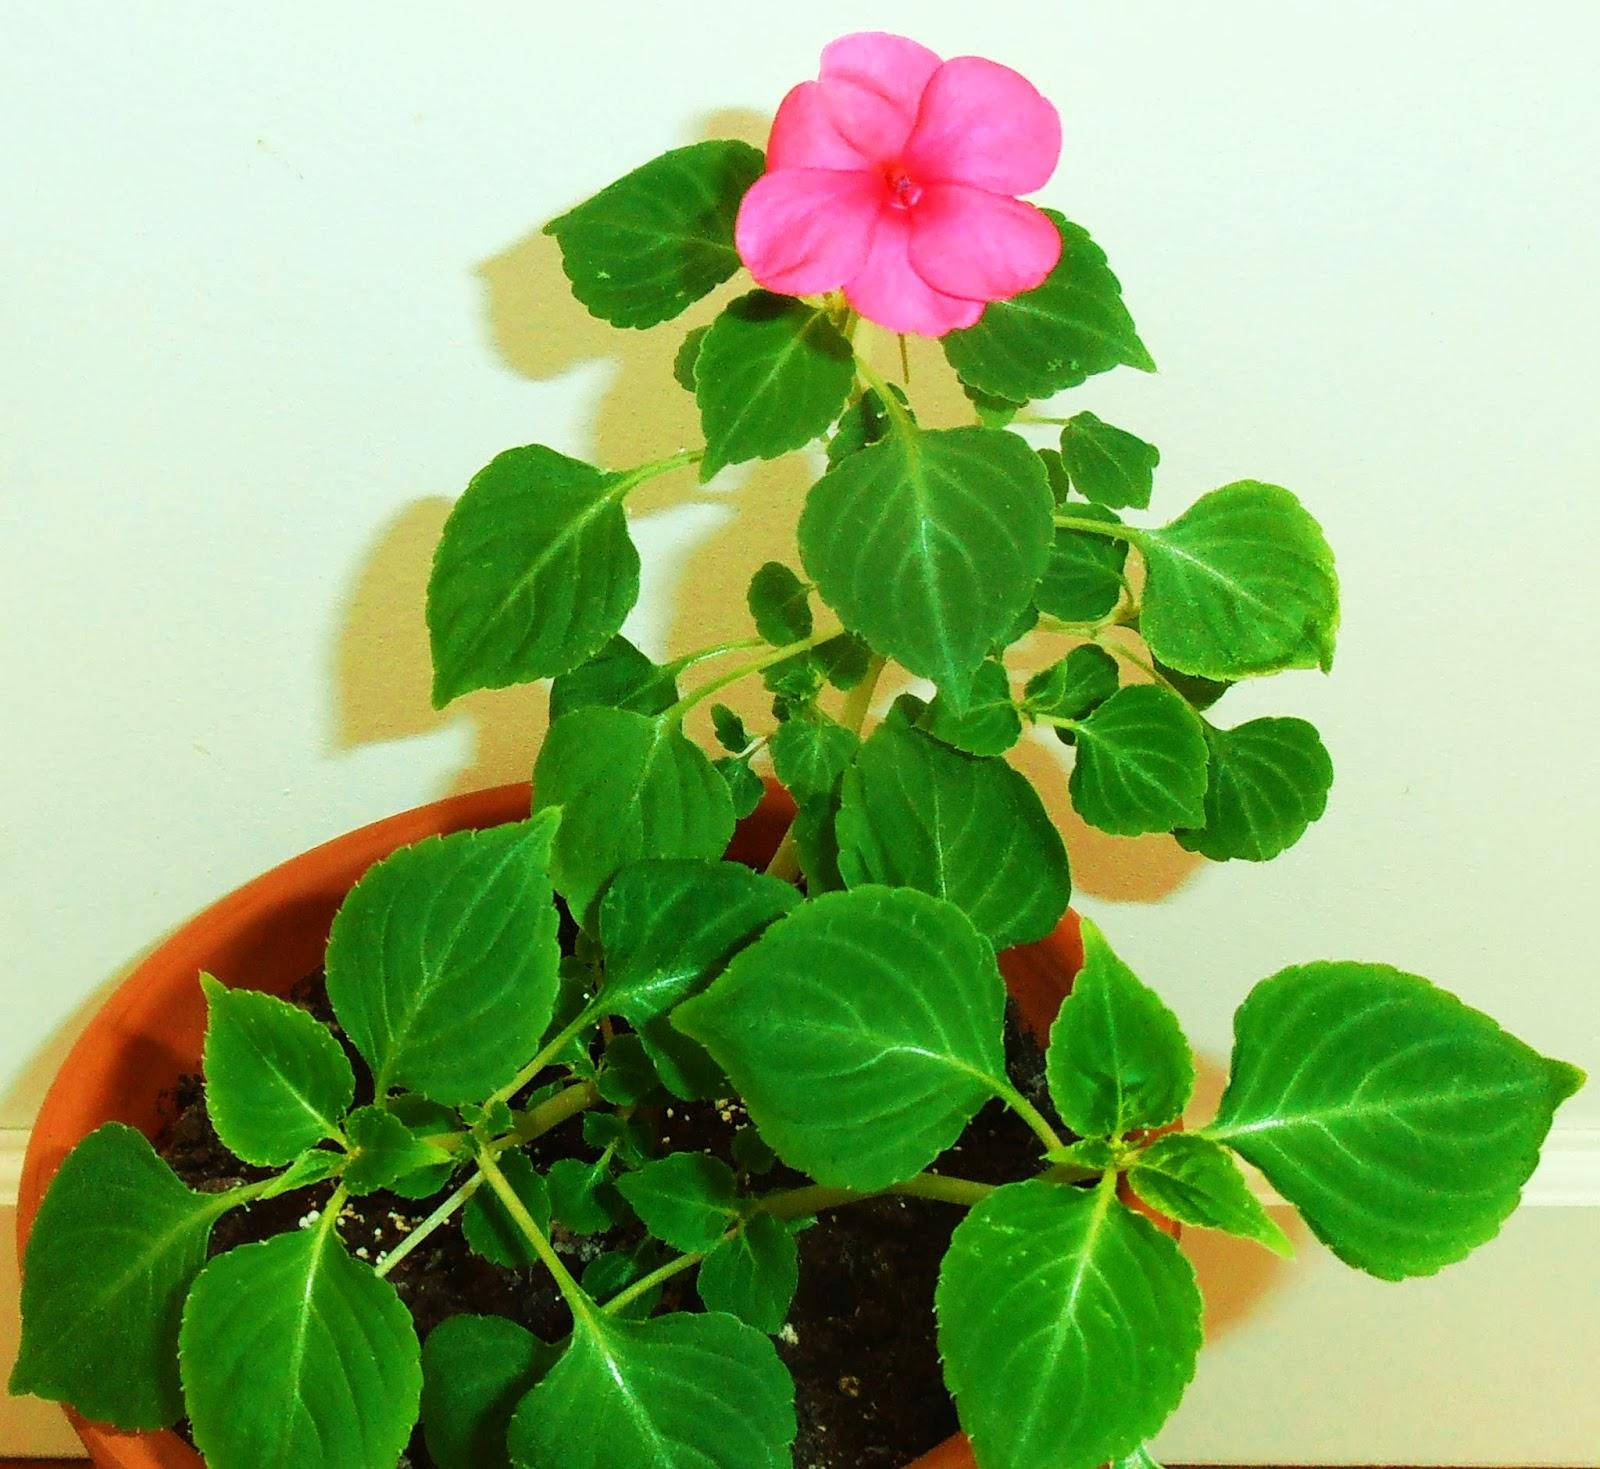 La ventana de javiruli plantas de interior 24 alegr a miramelindo impatiens walleriana - Alegria planta cuidados ...